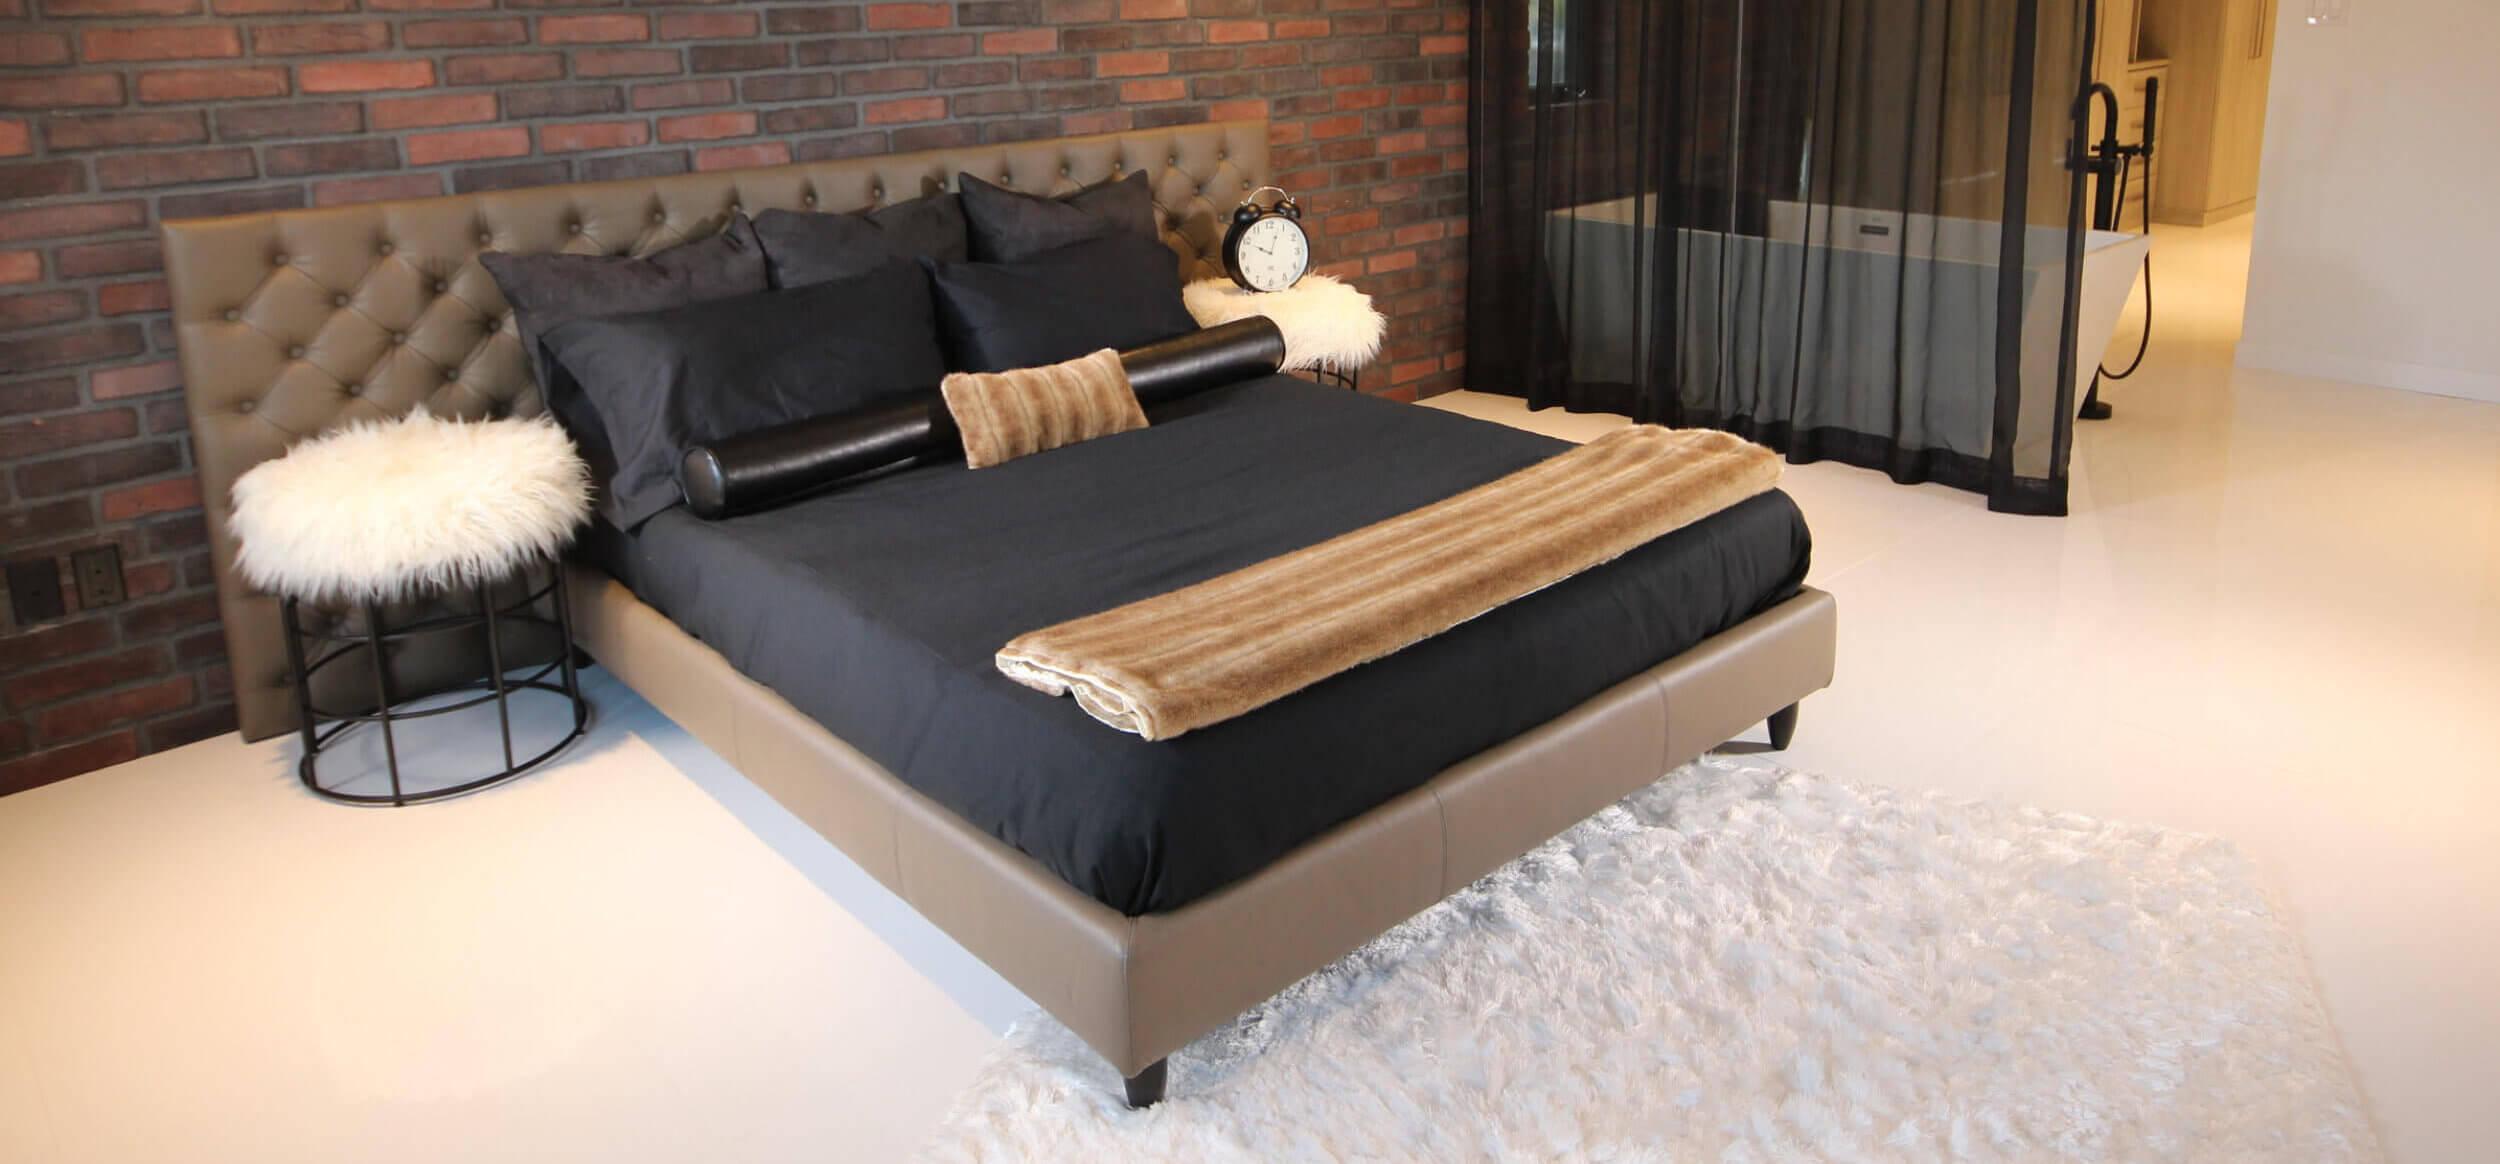 platform-beds-banner3.jpg